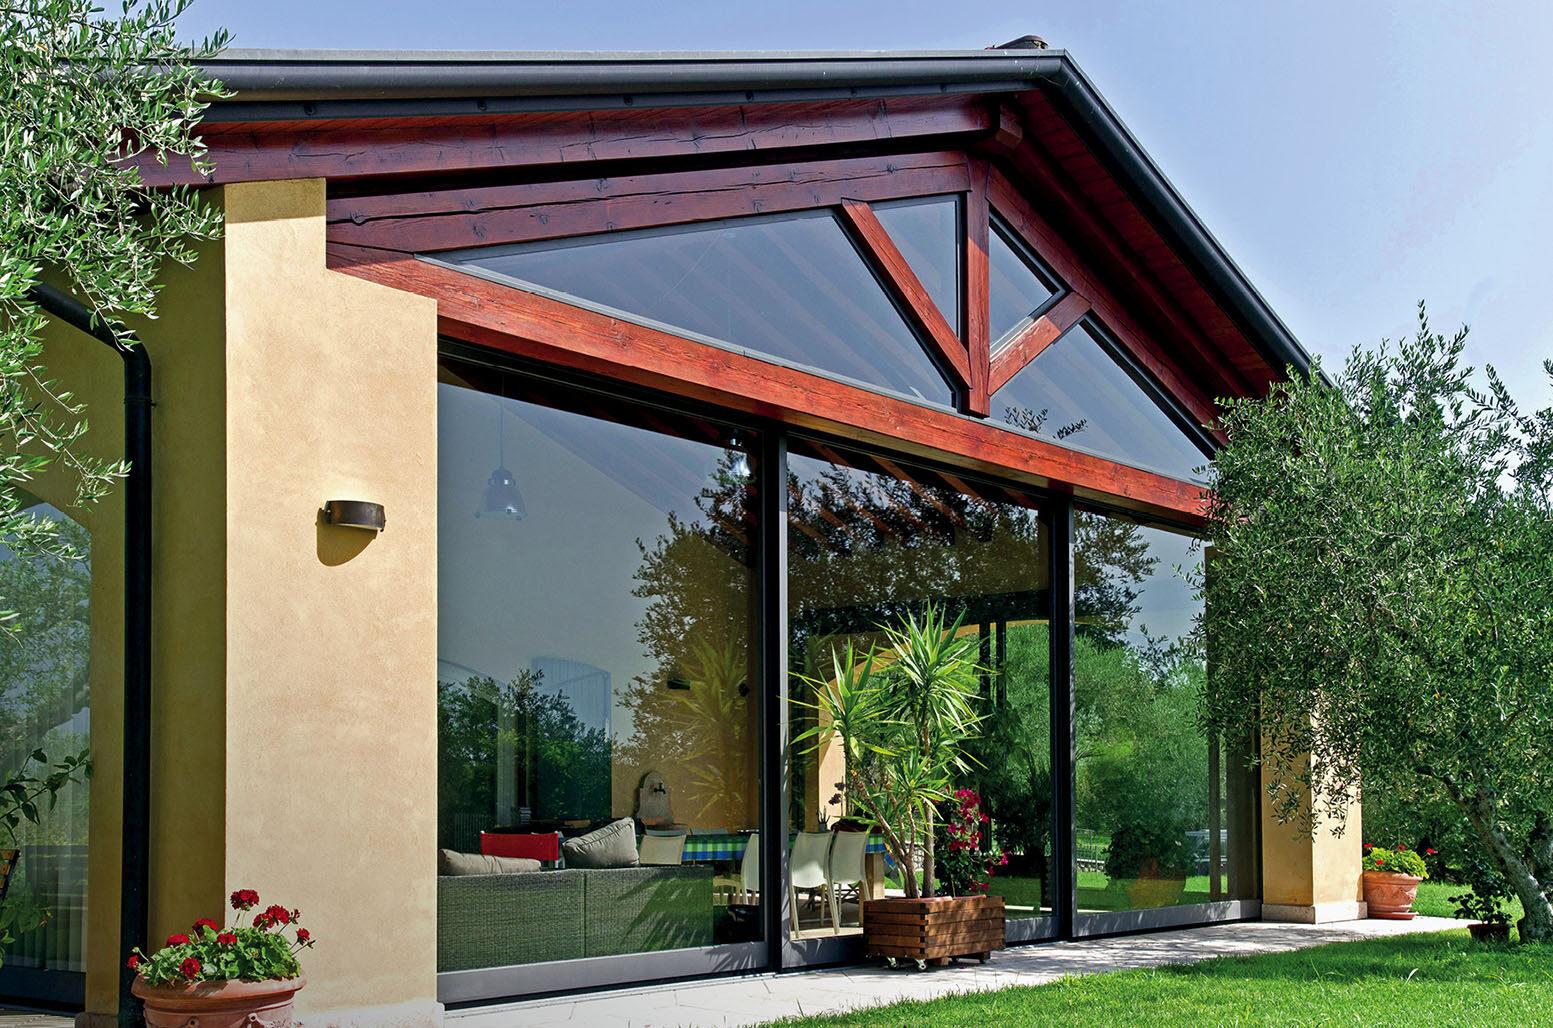 prodotti indoor, vetrata per abitazione privata